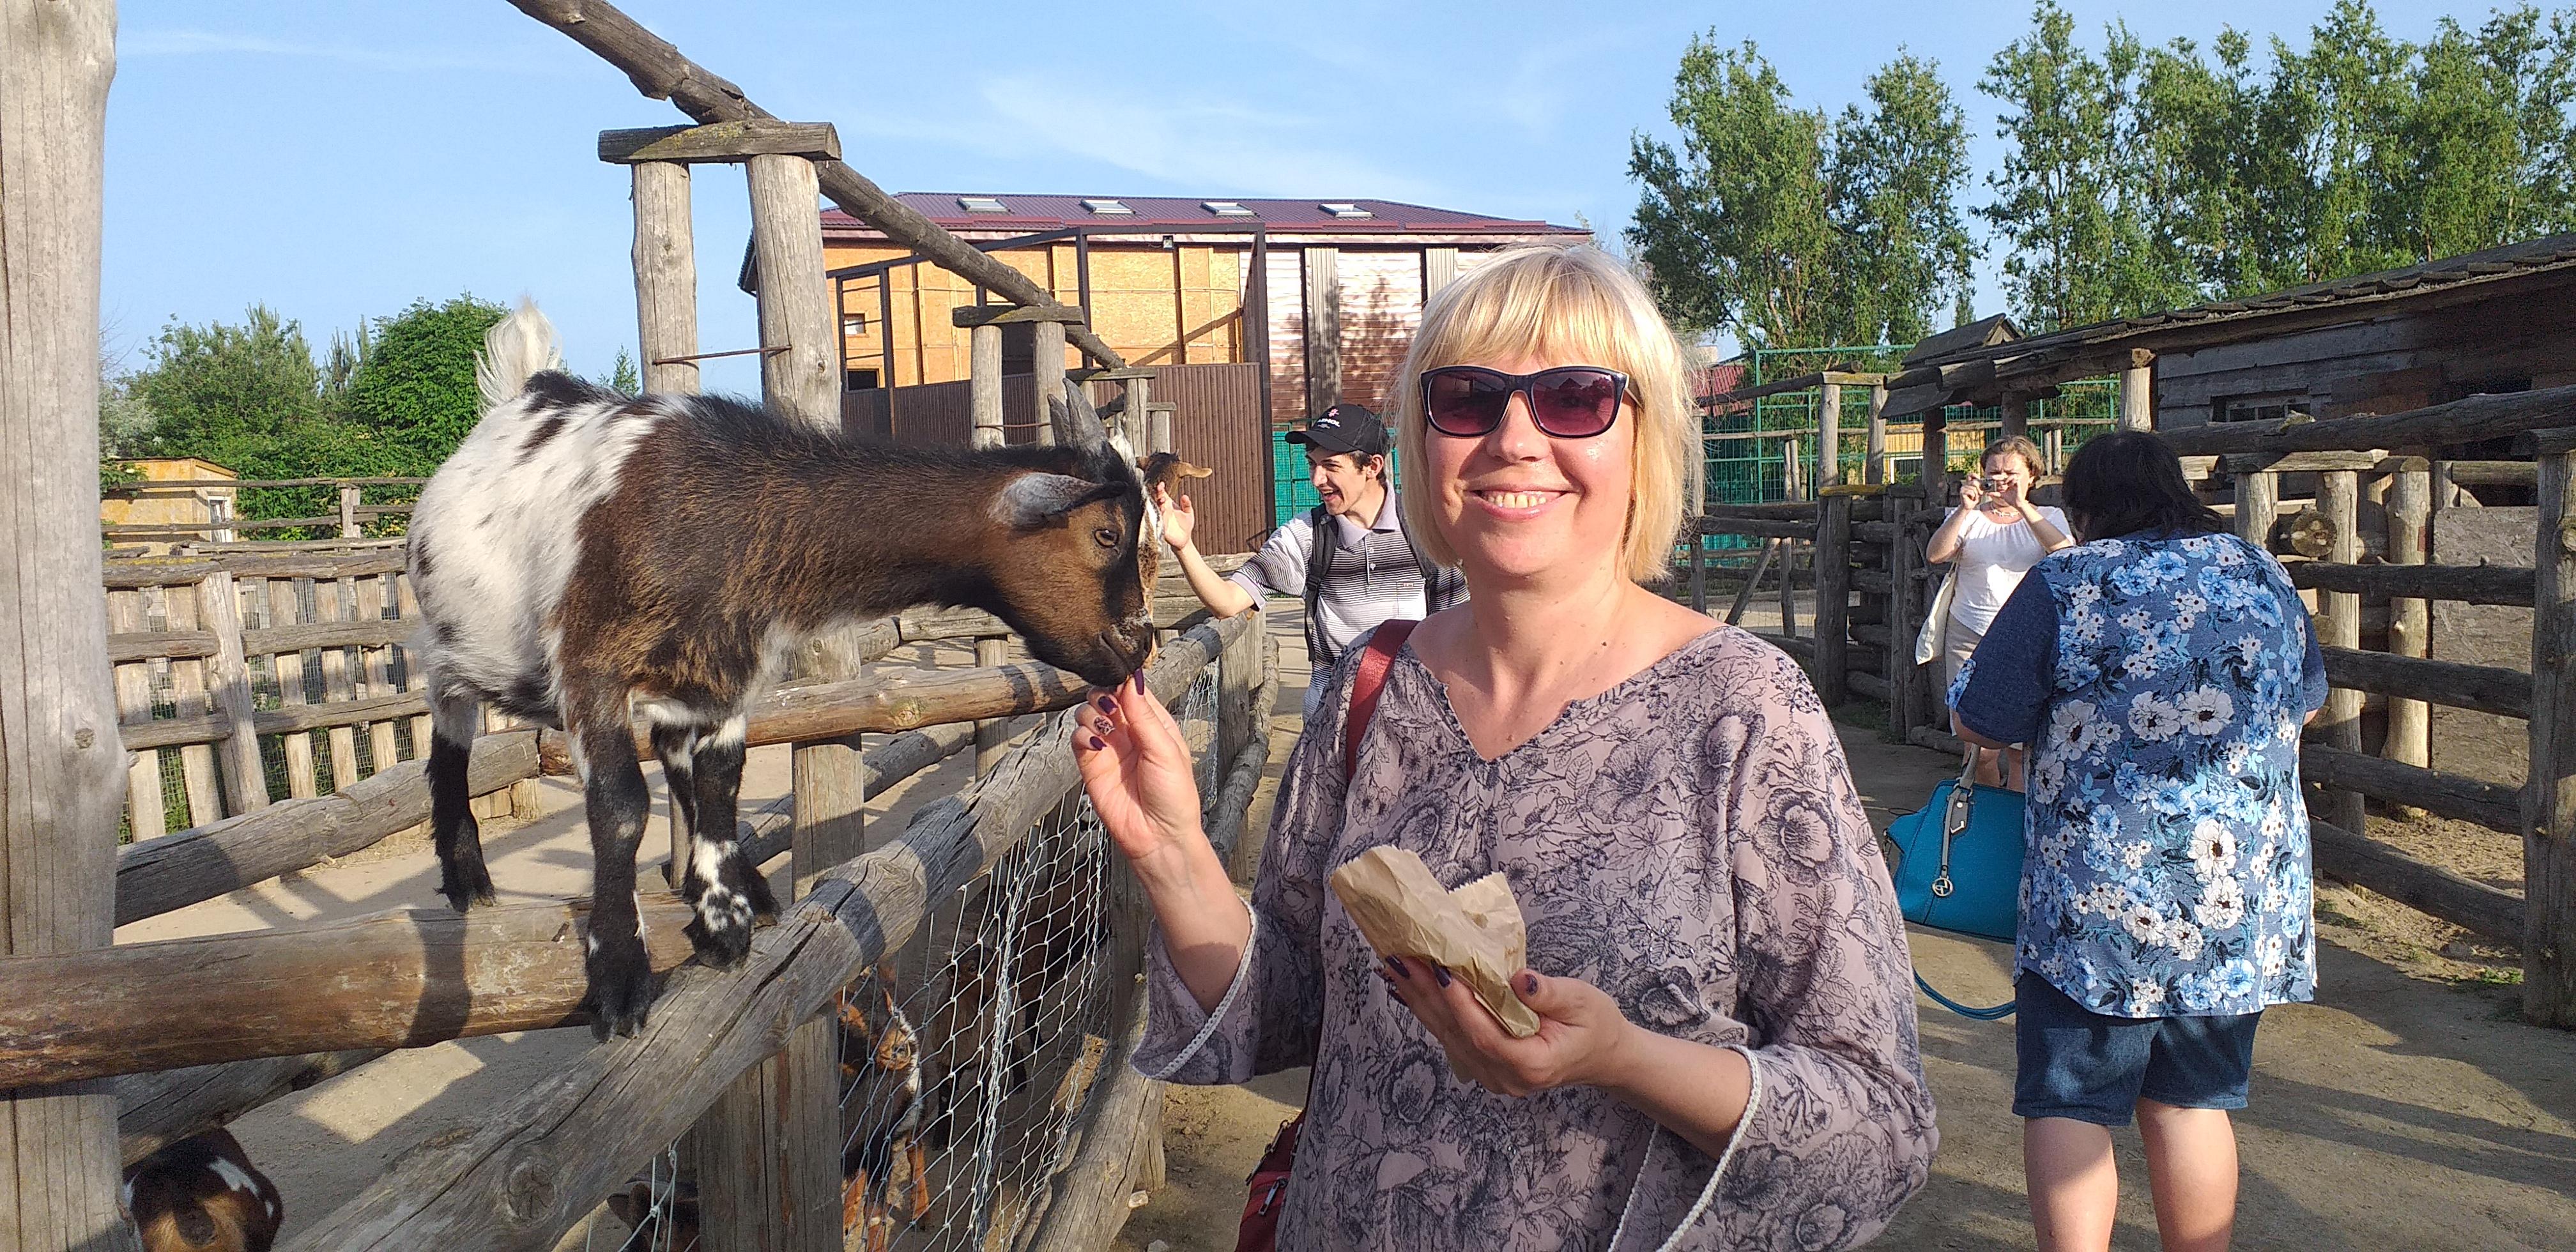 в зоопарке Сафари можно покормить животных